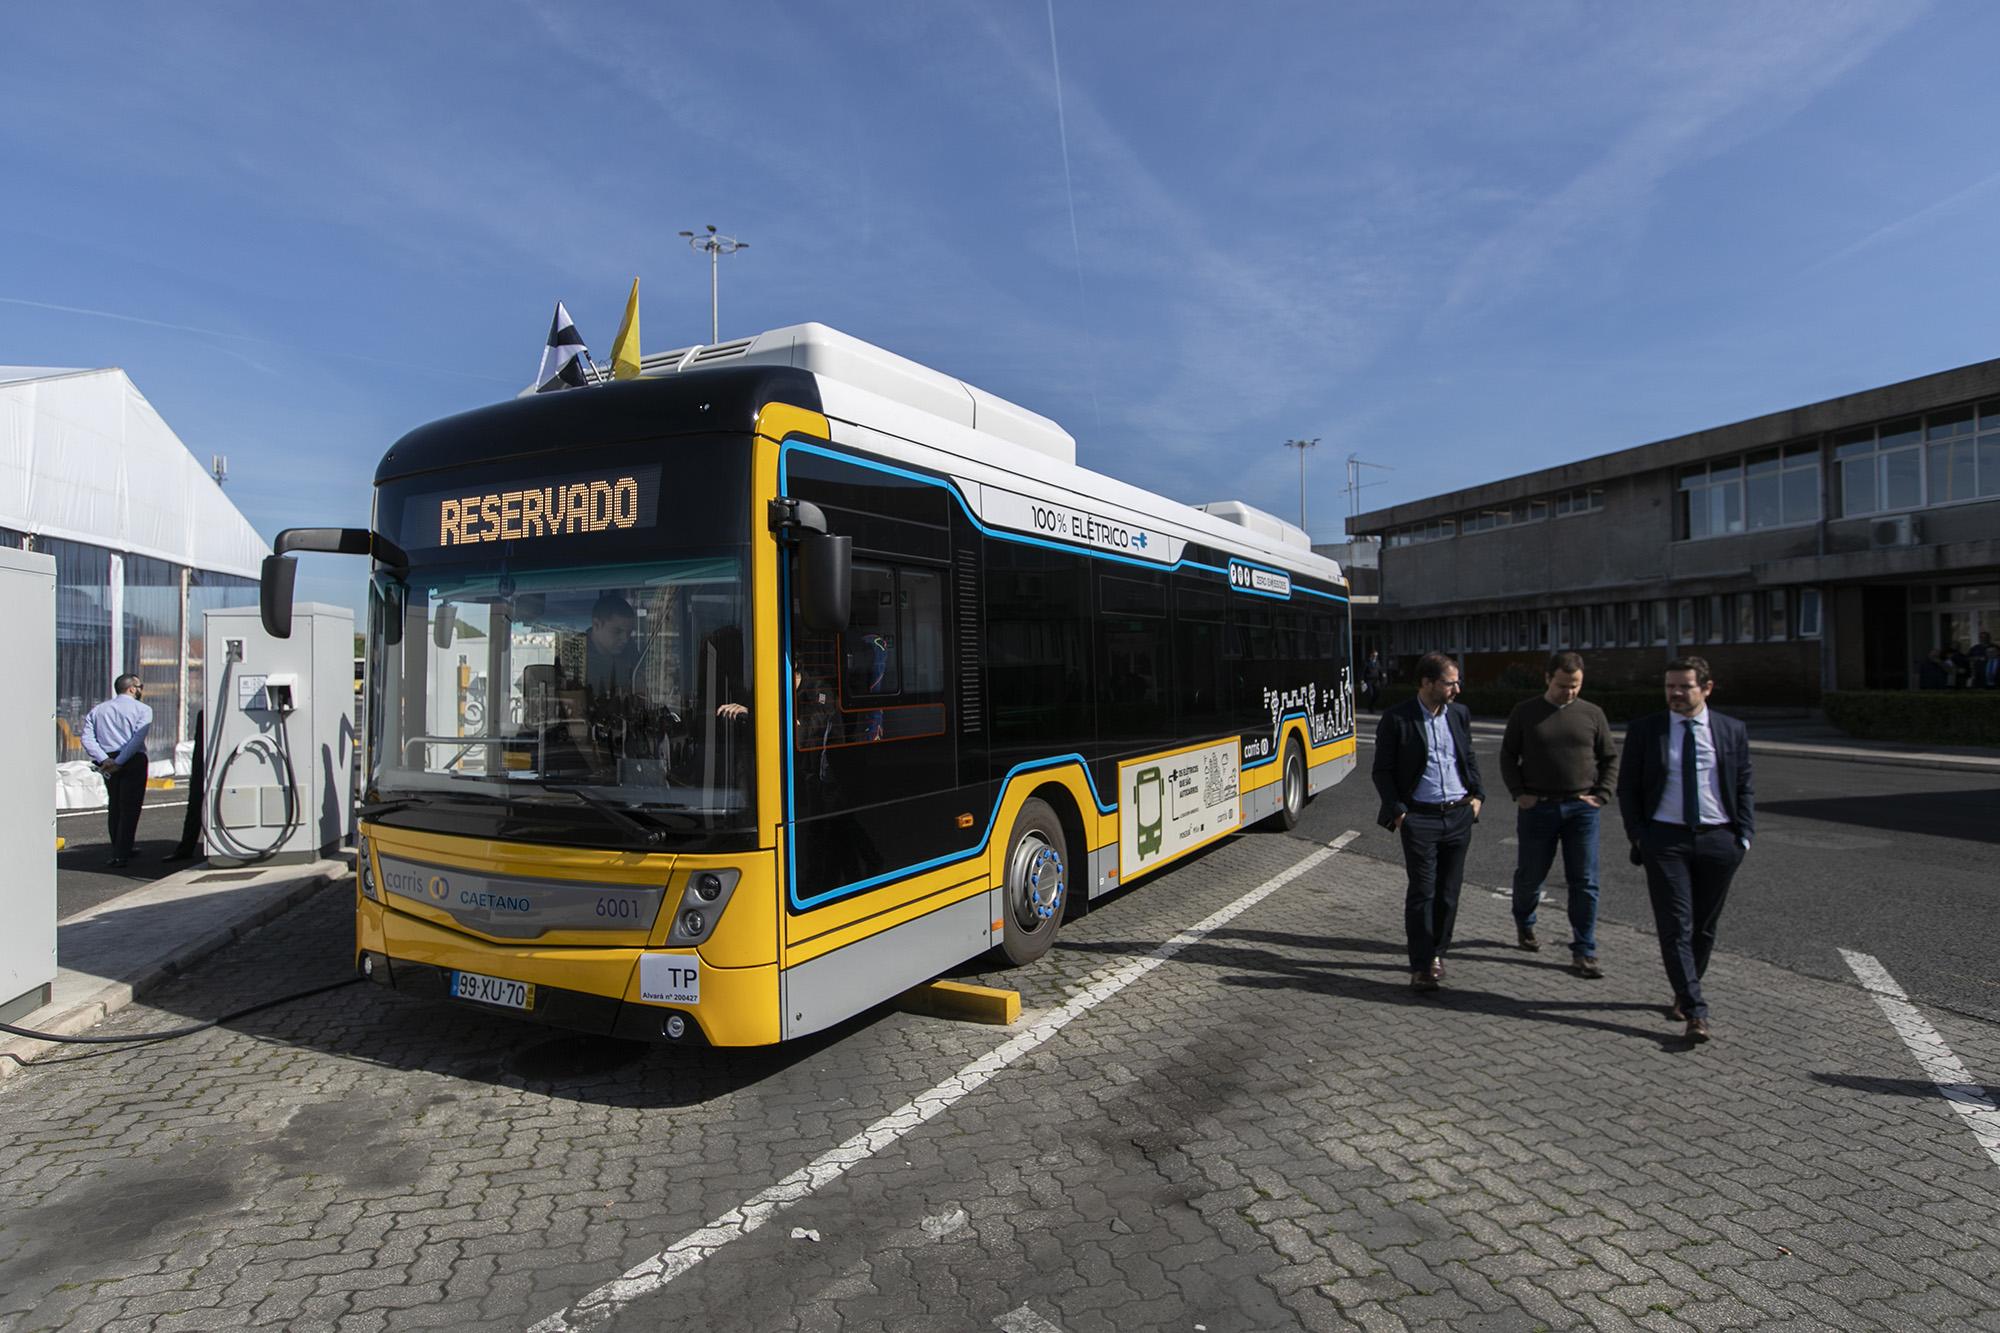 Lançamento da primeira carreira da CARRIS com autocarros elétricos - 11MAR20